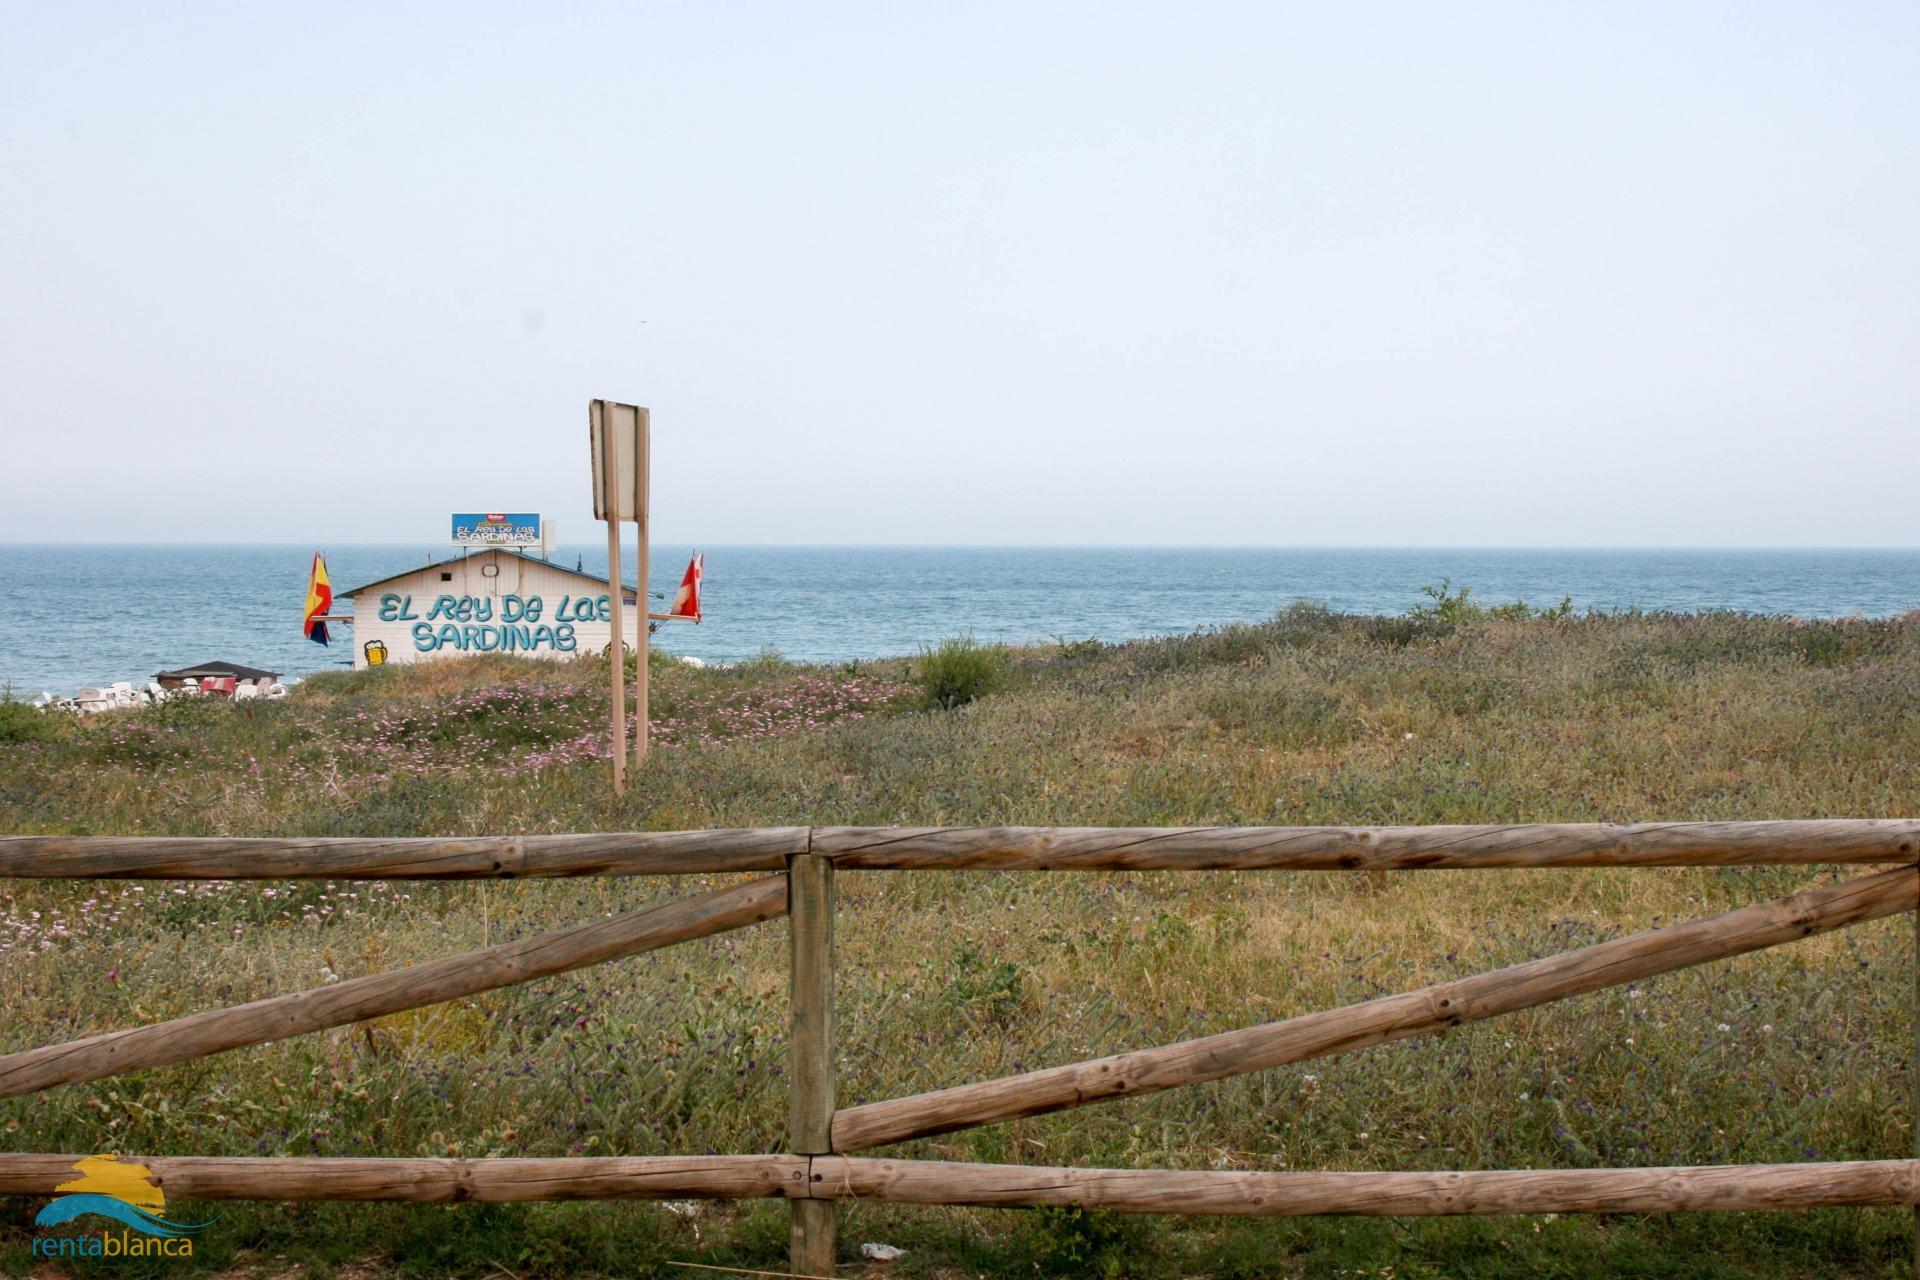 Penthouse Sea Coast - Rentablanca